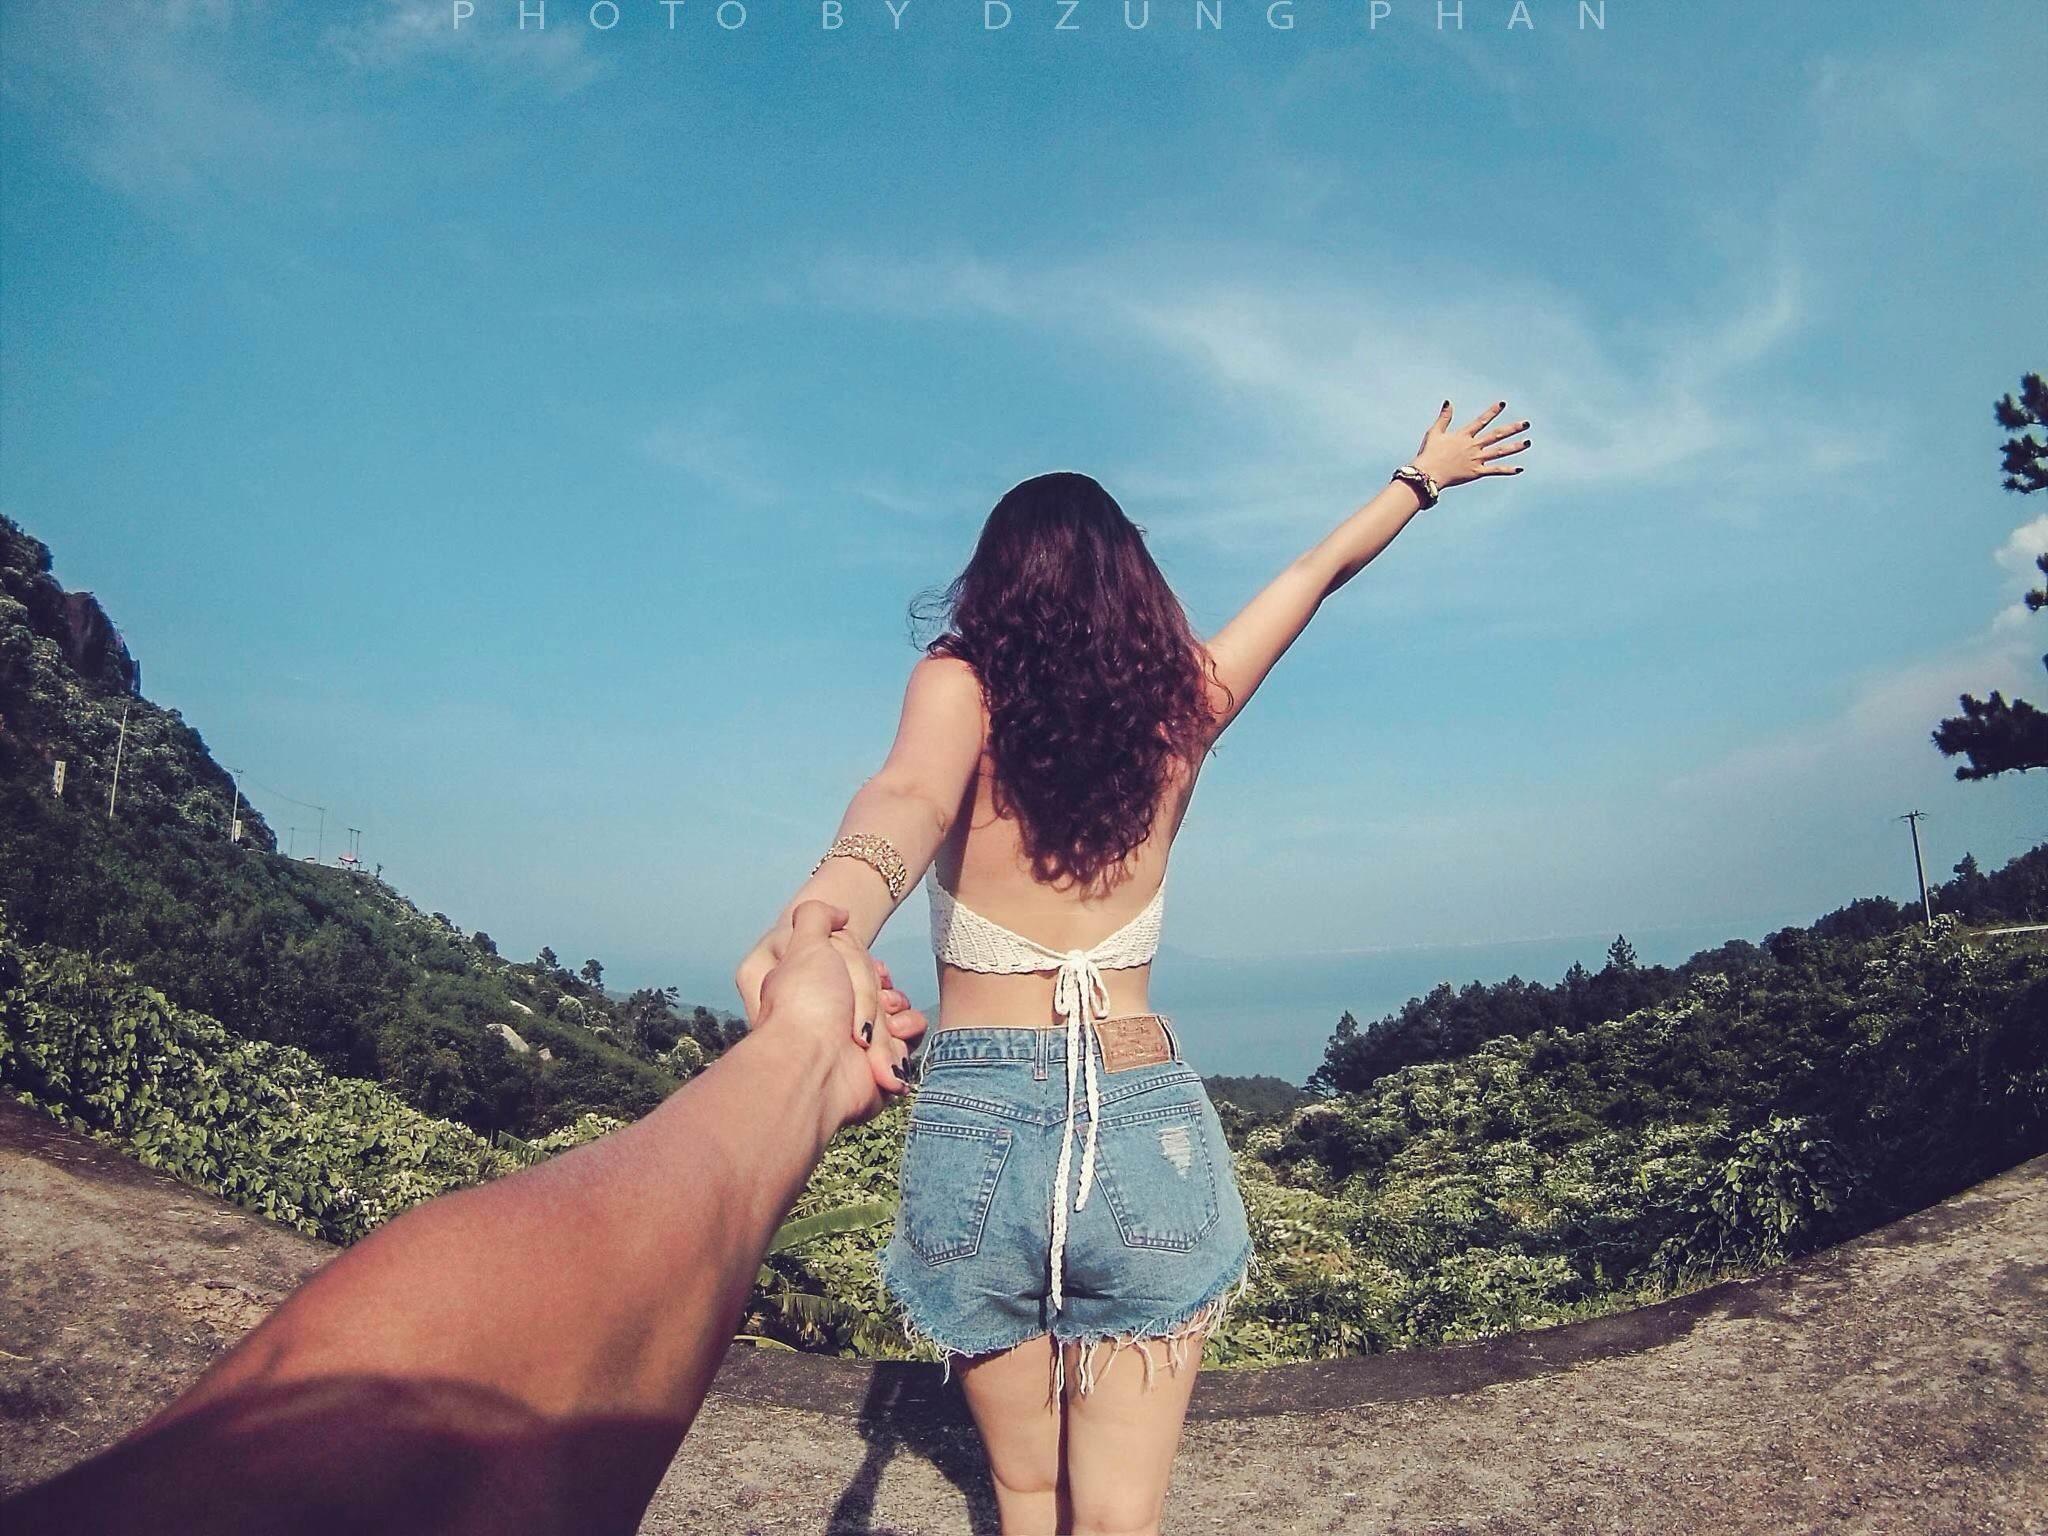 Trong 3 năm bên nhau, Dũng và Trang dành phần lớn thời gian rảnh để đi du lịch. Mỗi nơi hai người đặt chân là một dấu mốc trong tình yêu.